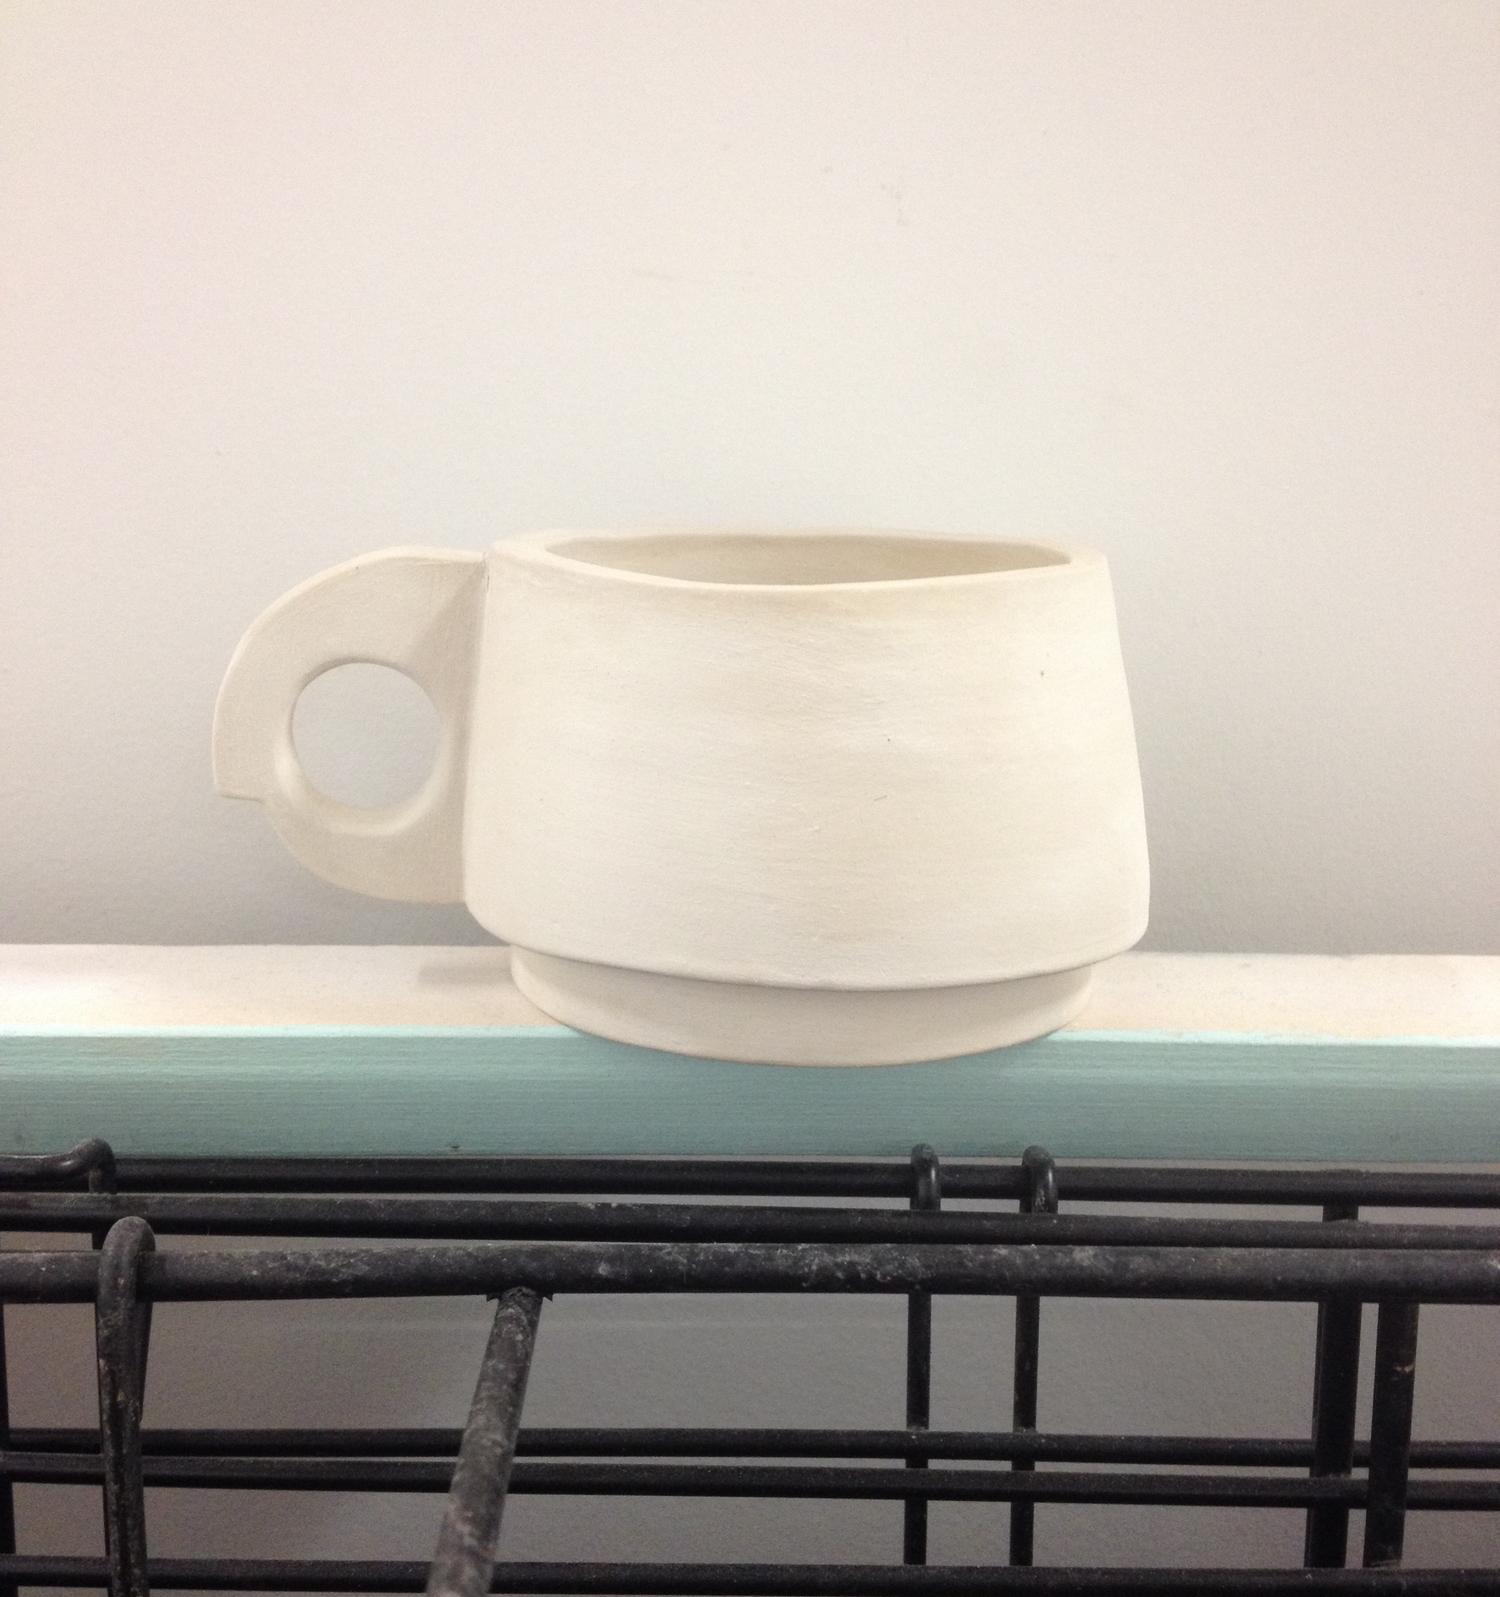 Un fired (green) porcelain and terracotta mugs